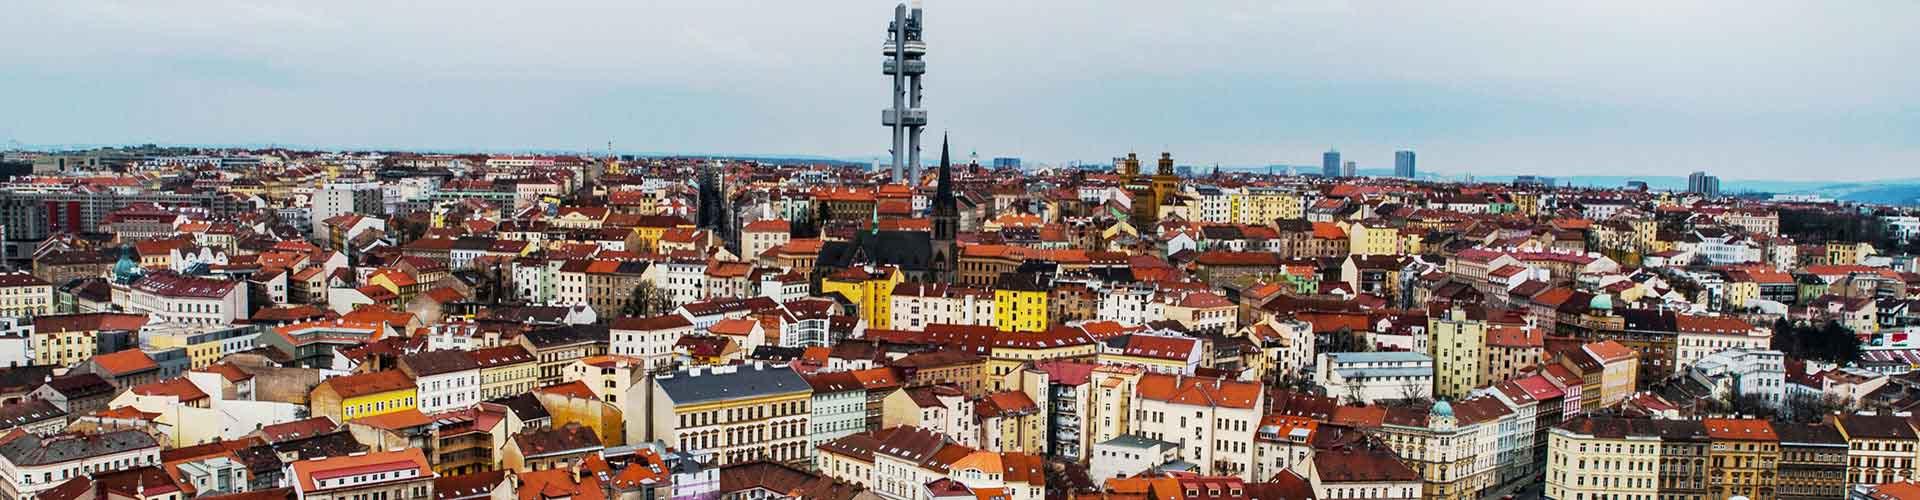 Praga – Albergues no bairro de Zizkov . Mapas para Praga, Fotos e Avaliações para cada Albergue em Praga.